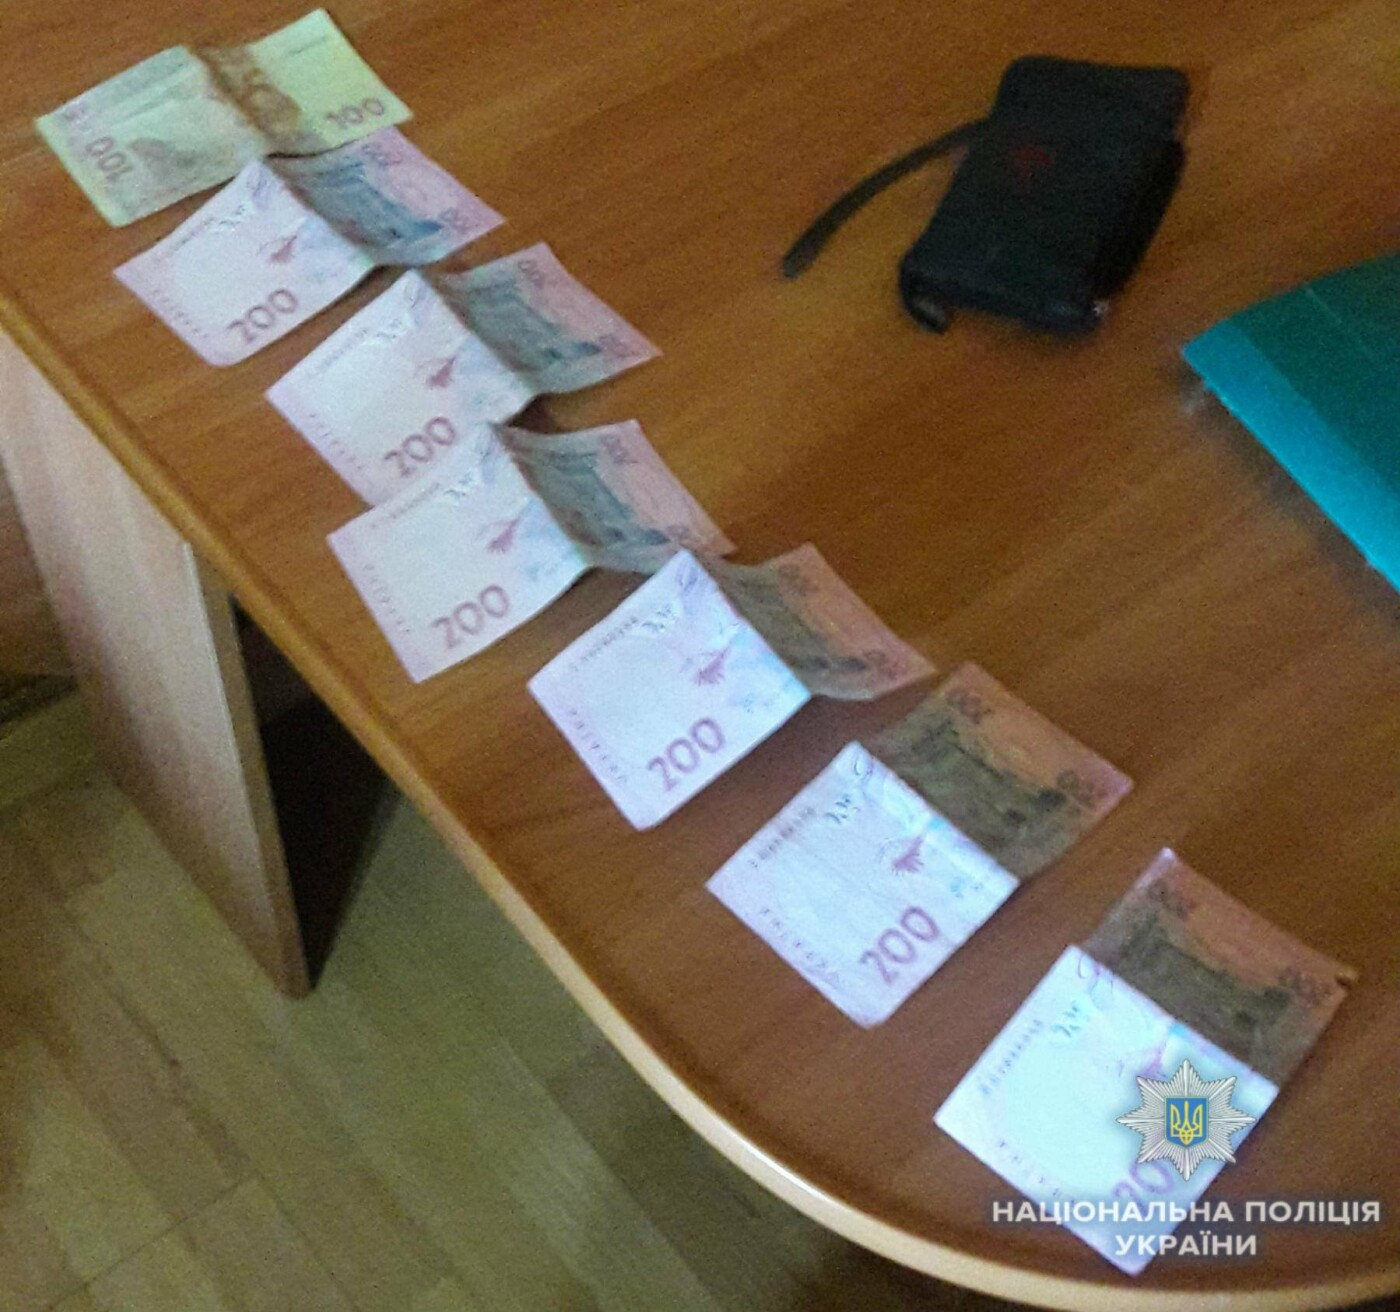 Шукали клієнтів в Інтернеті: 19-річна і 43-річна повії продавали тіло у Сваляві за 1500 гривень (ФОТО), фото-2